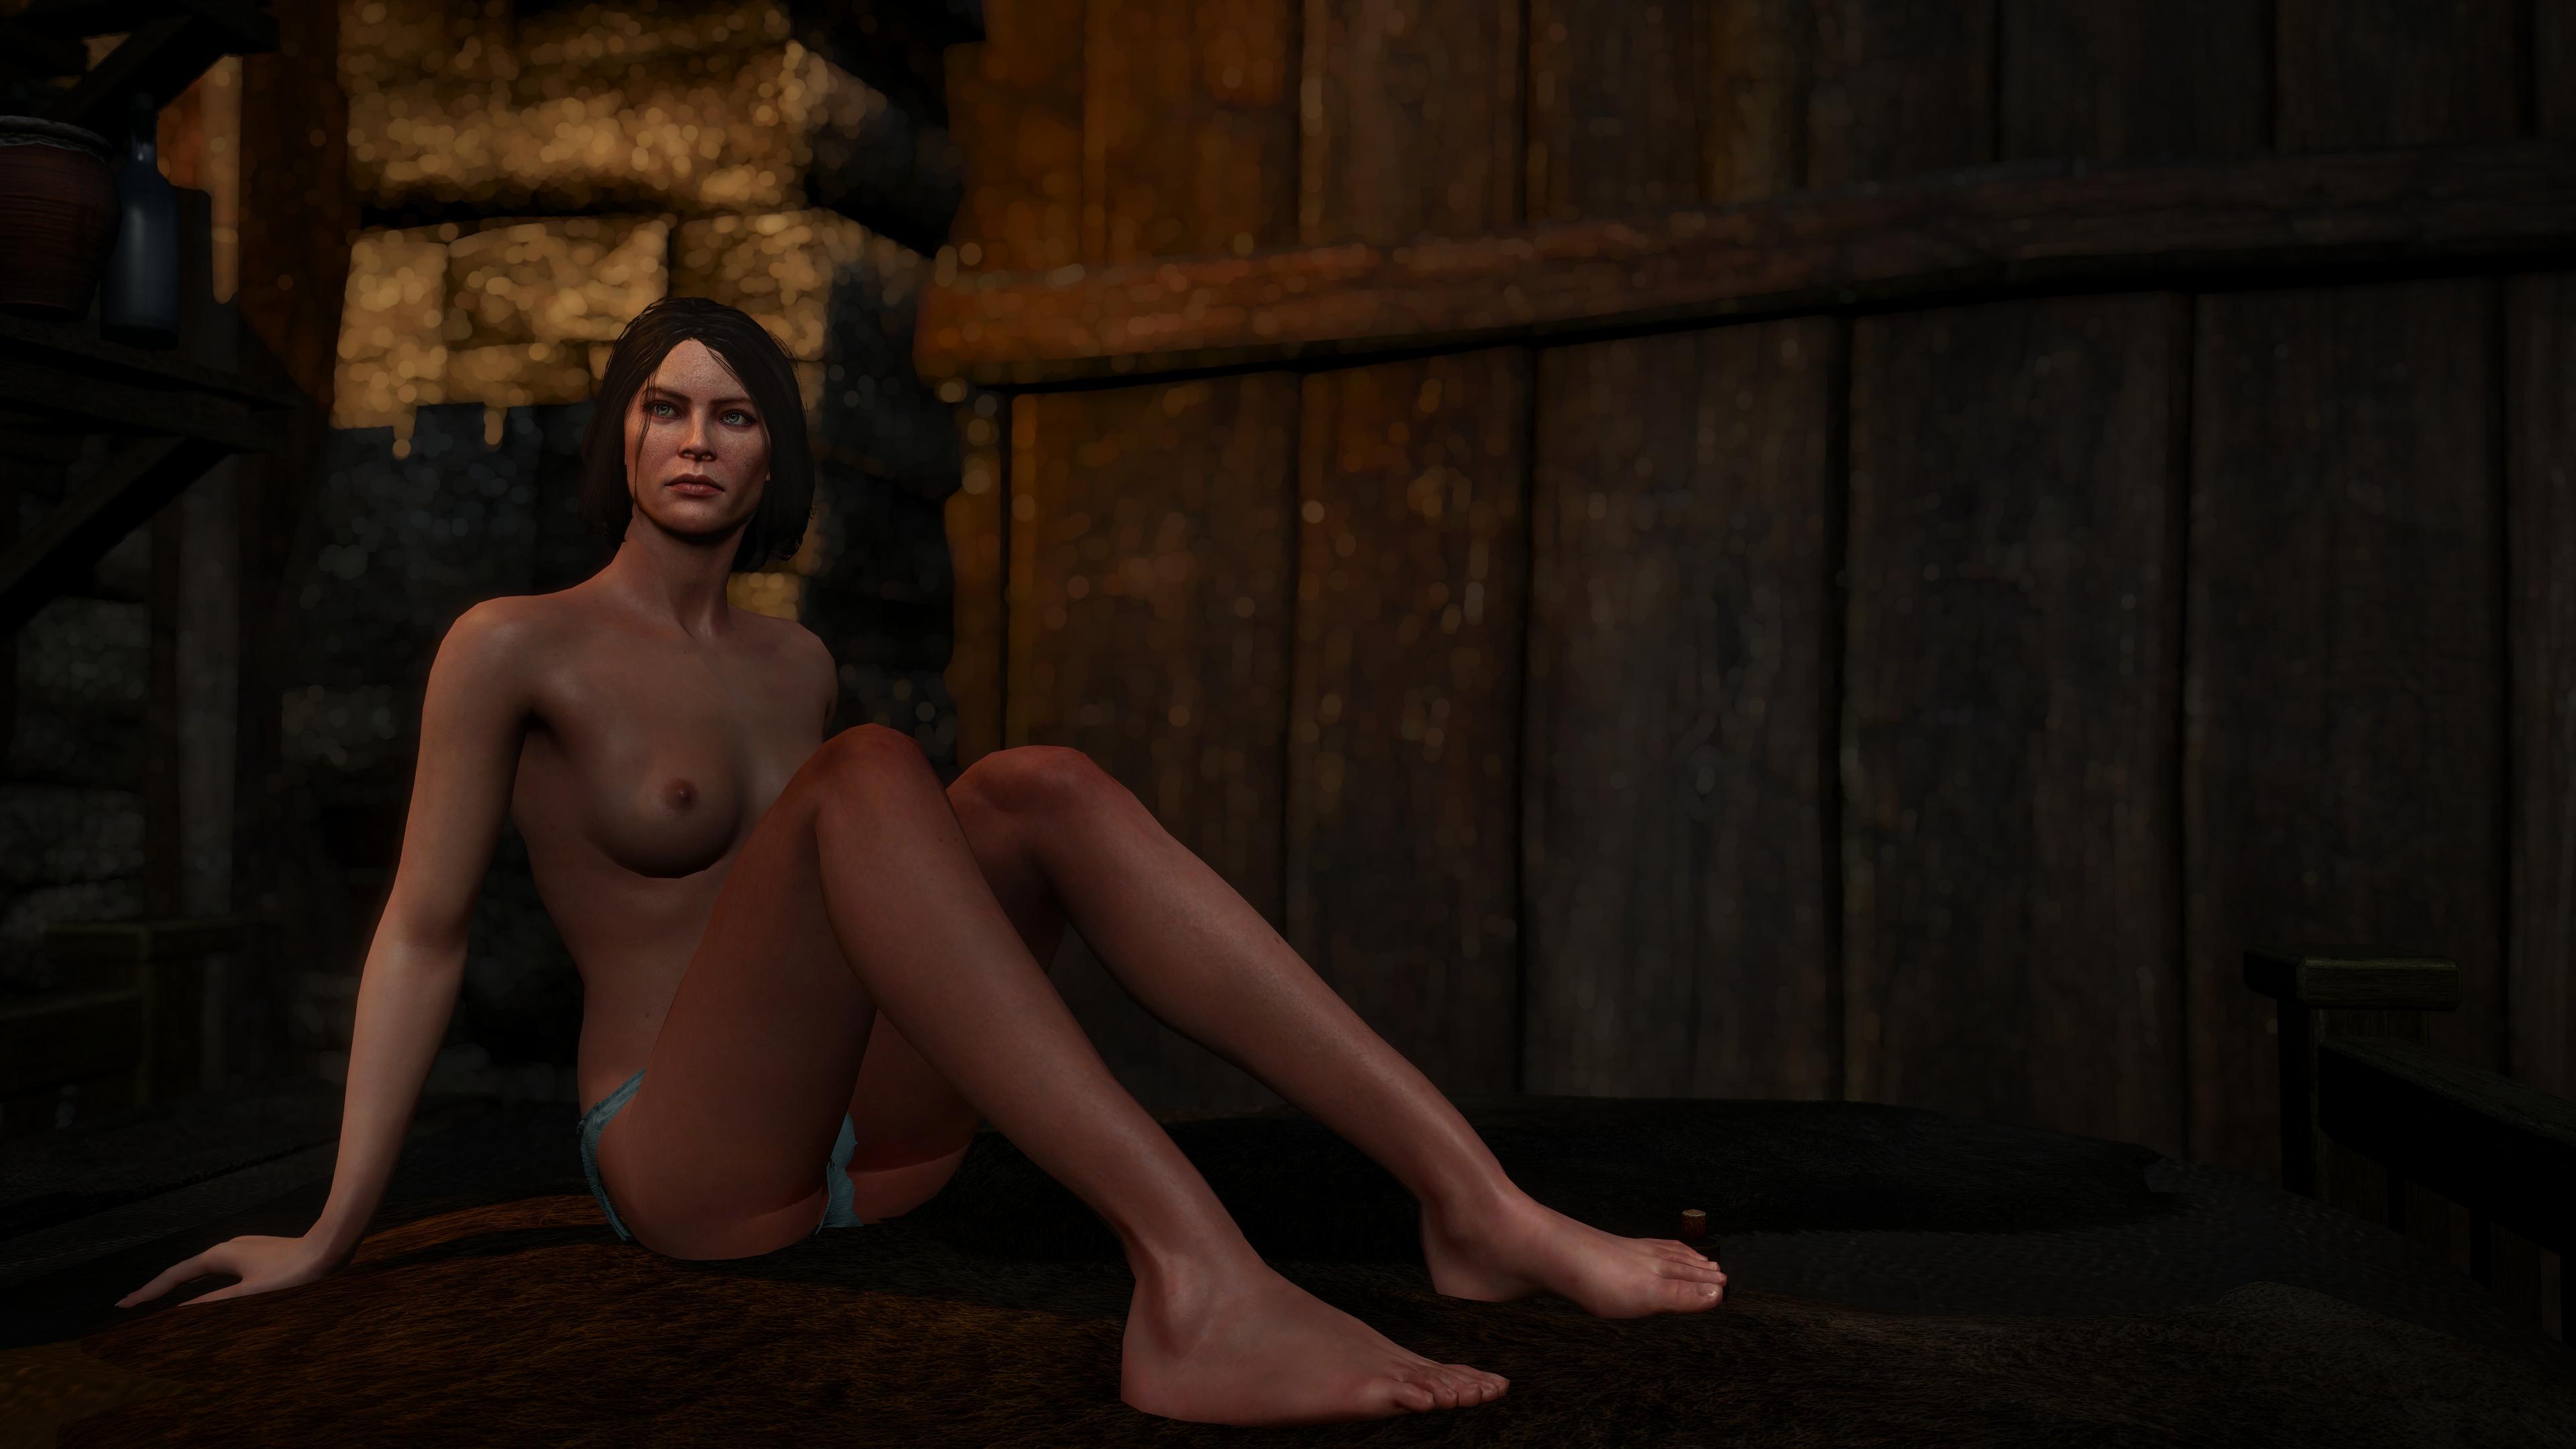 The Witcher 3 Super-Ren.jpg - Witcher 3: Wild Hunt, the